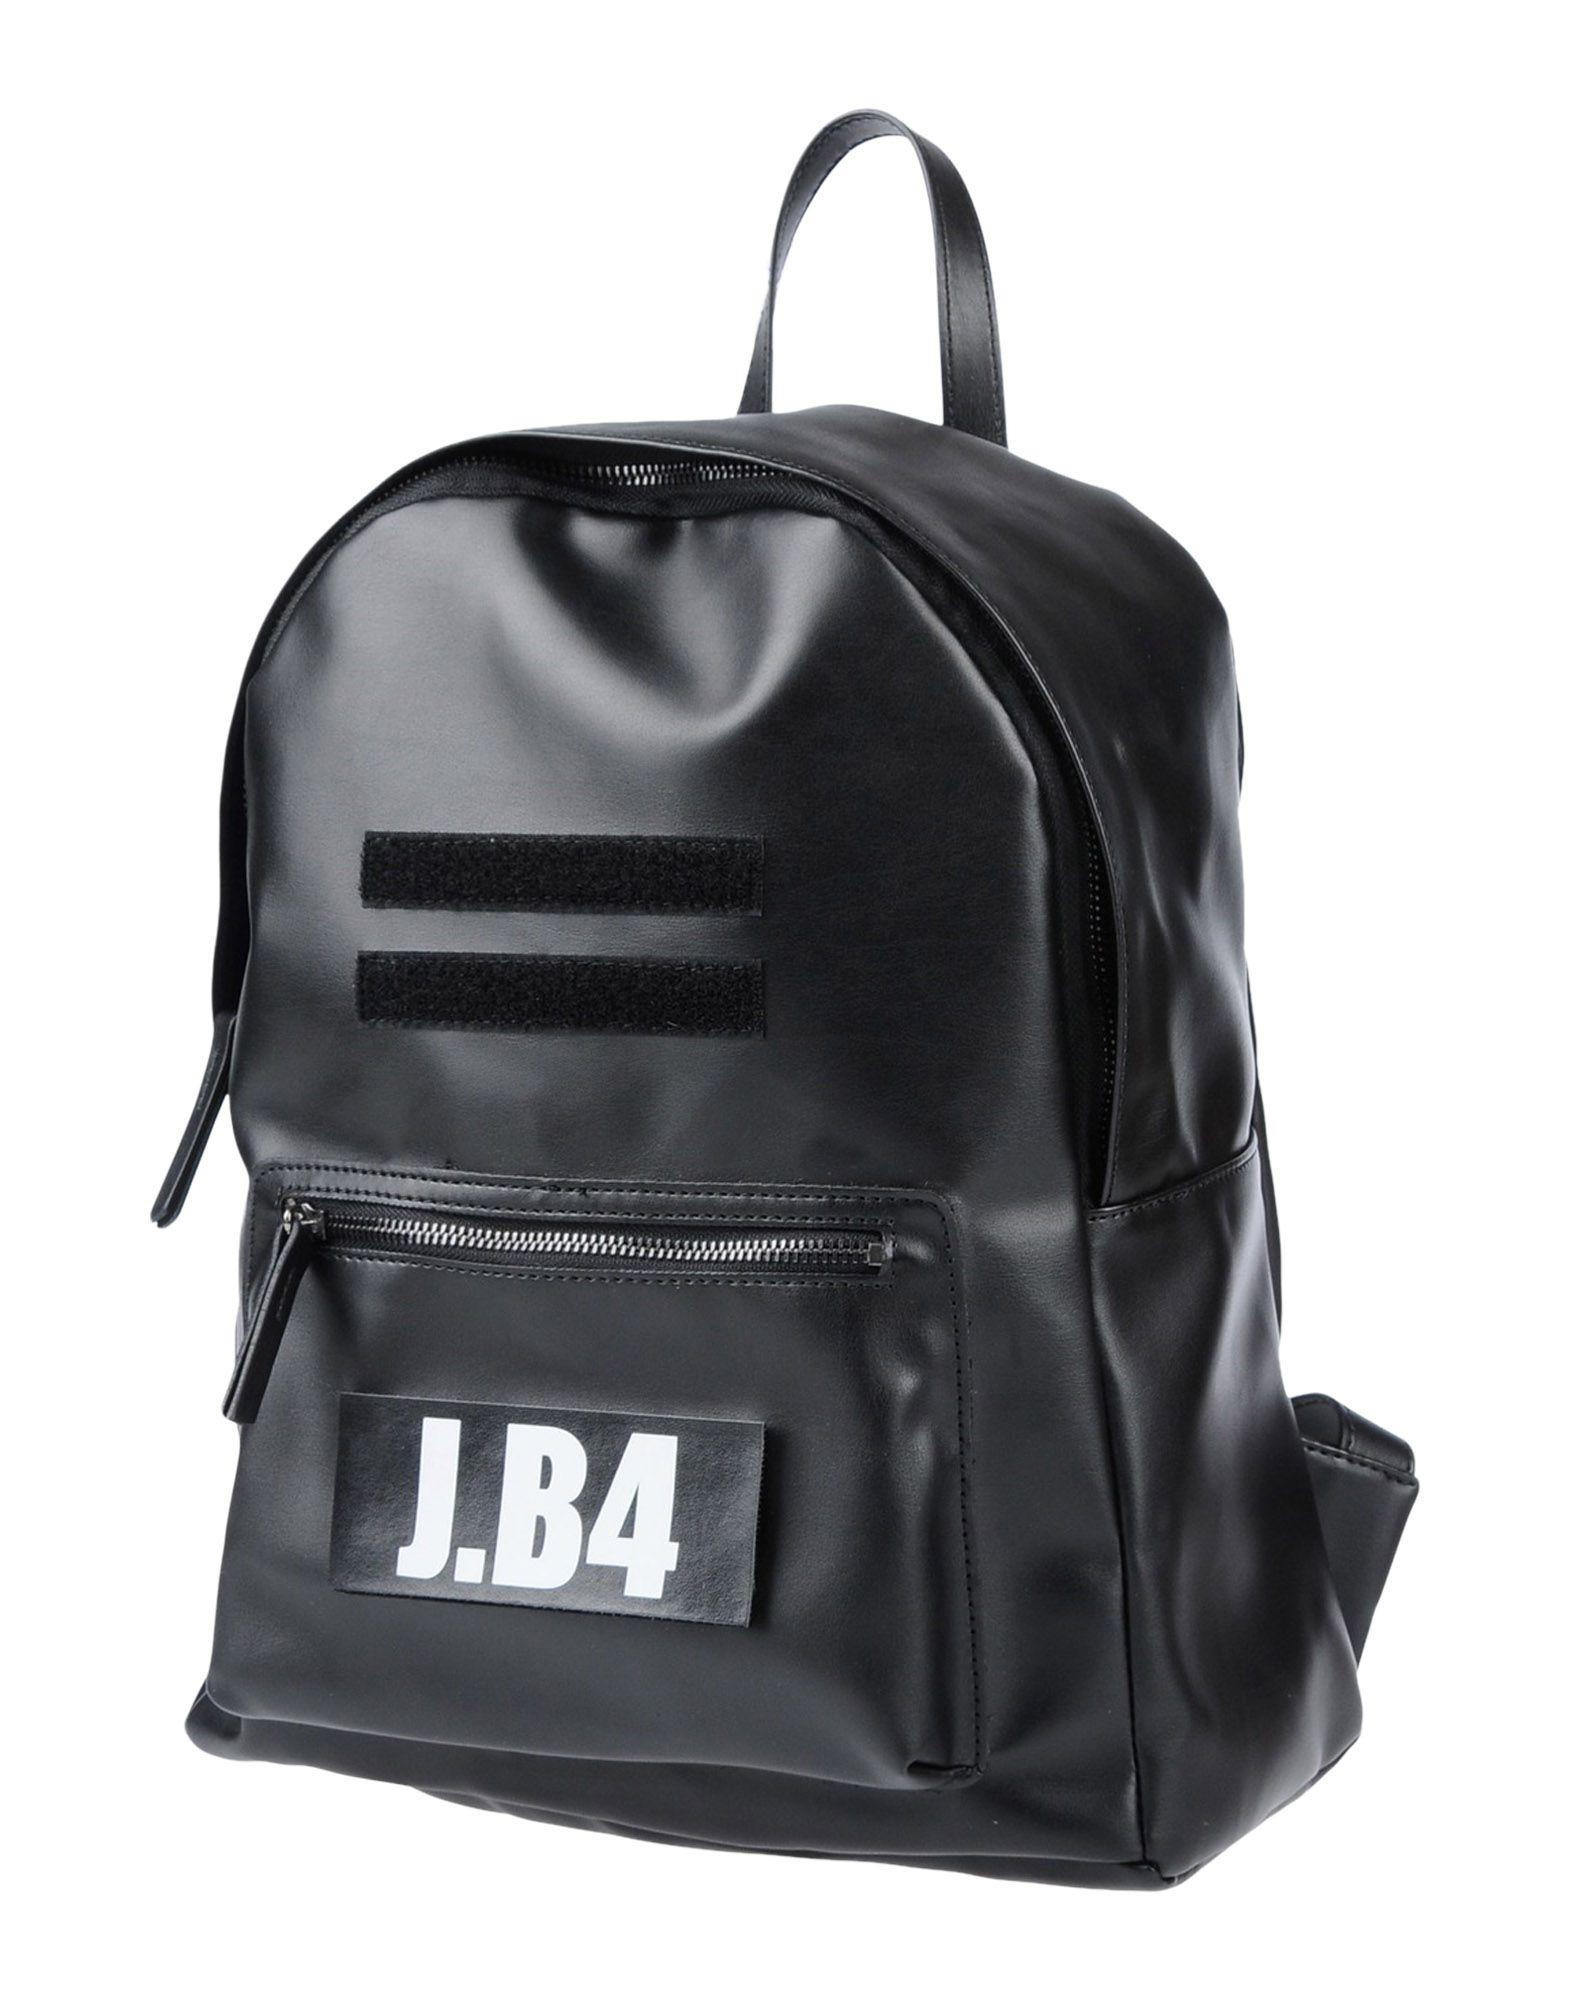 J·B4 JUST BEFORE Рюкзаки и сумки на пояс delsey рюкзаки и сумки на пояс page 4